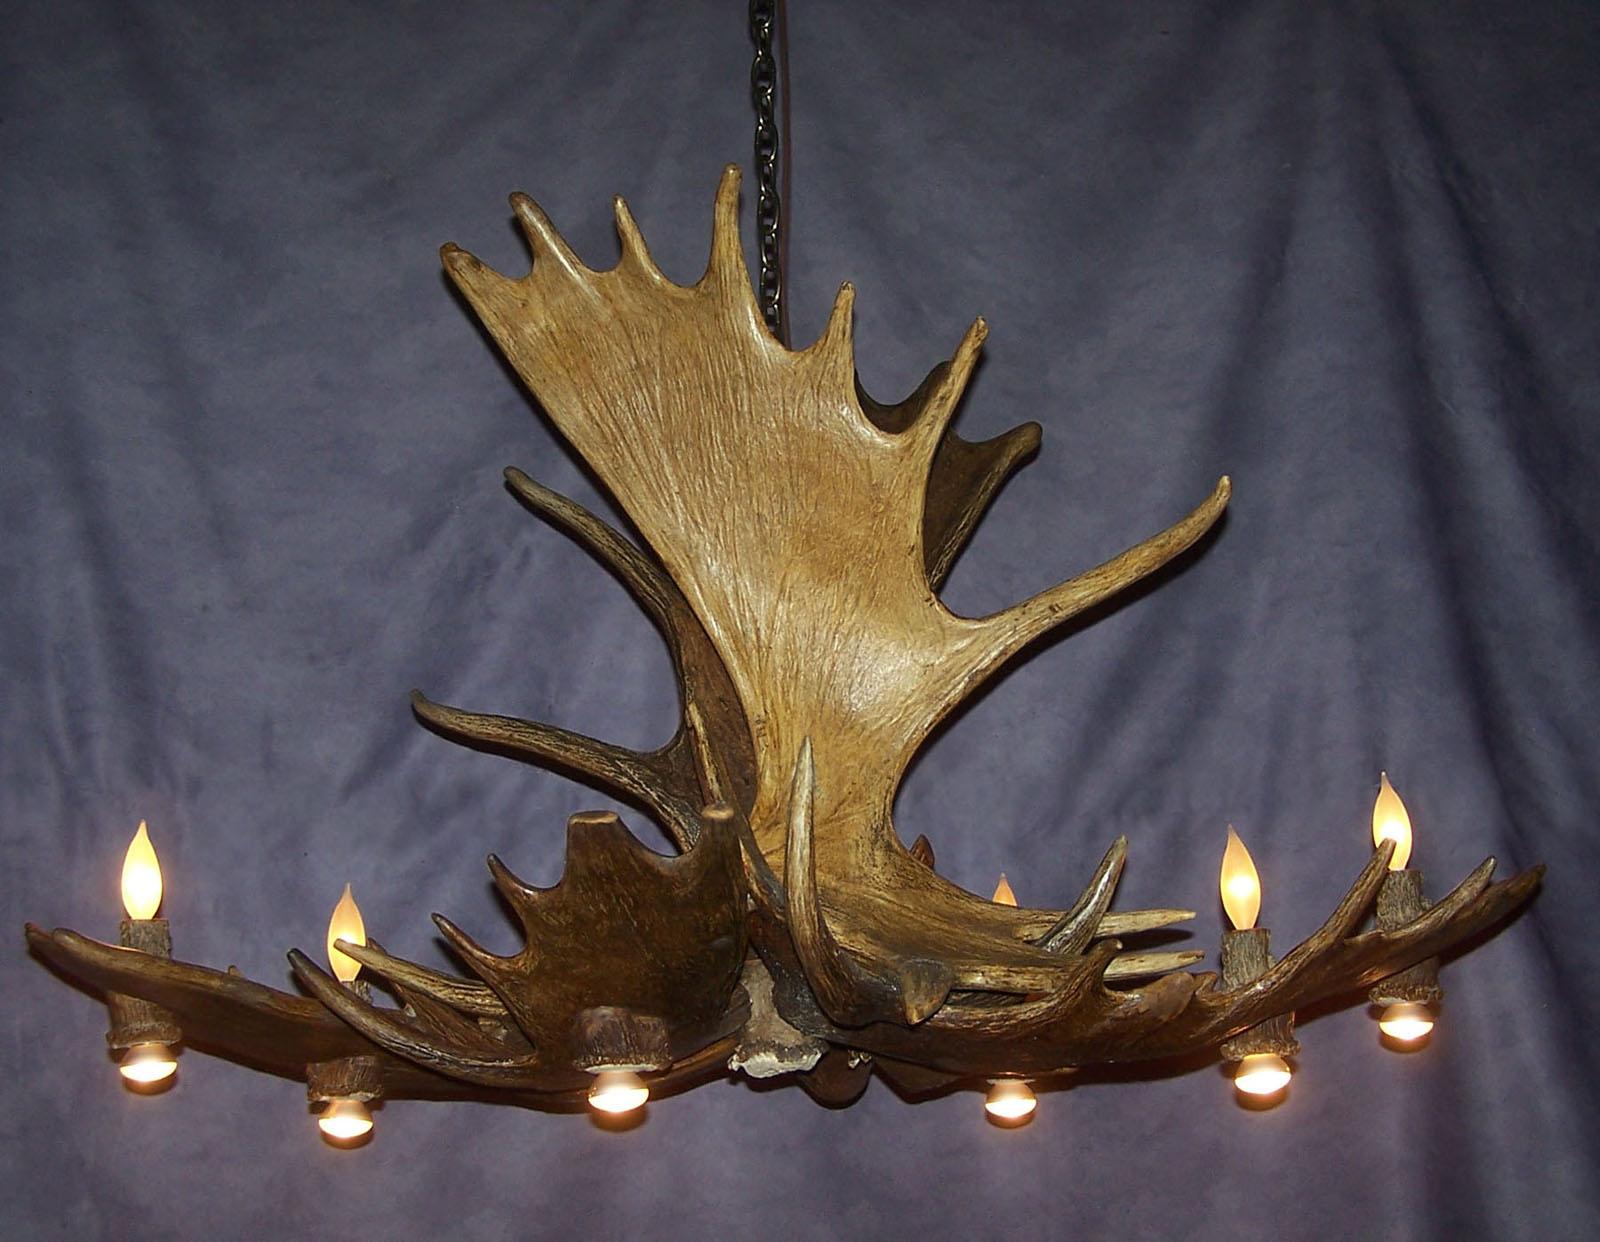 Moose Pool Table Antler Chandelier Rustic Deer Lodge